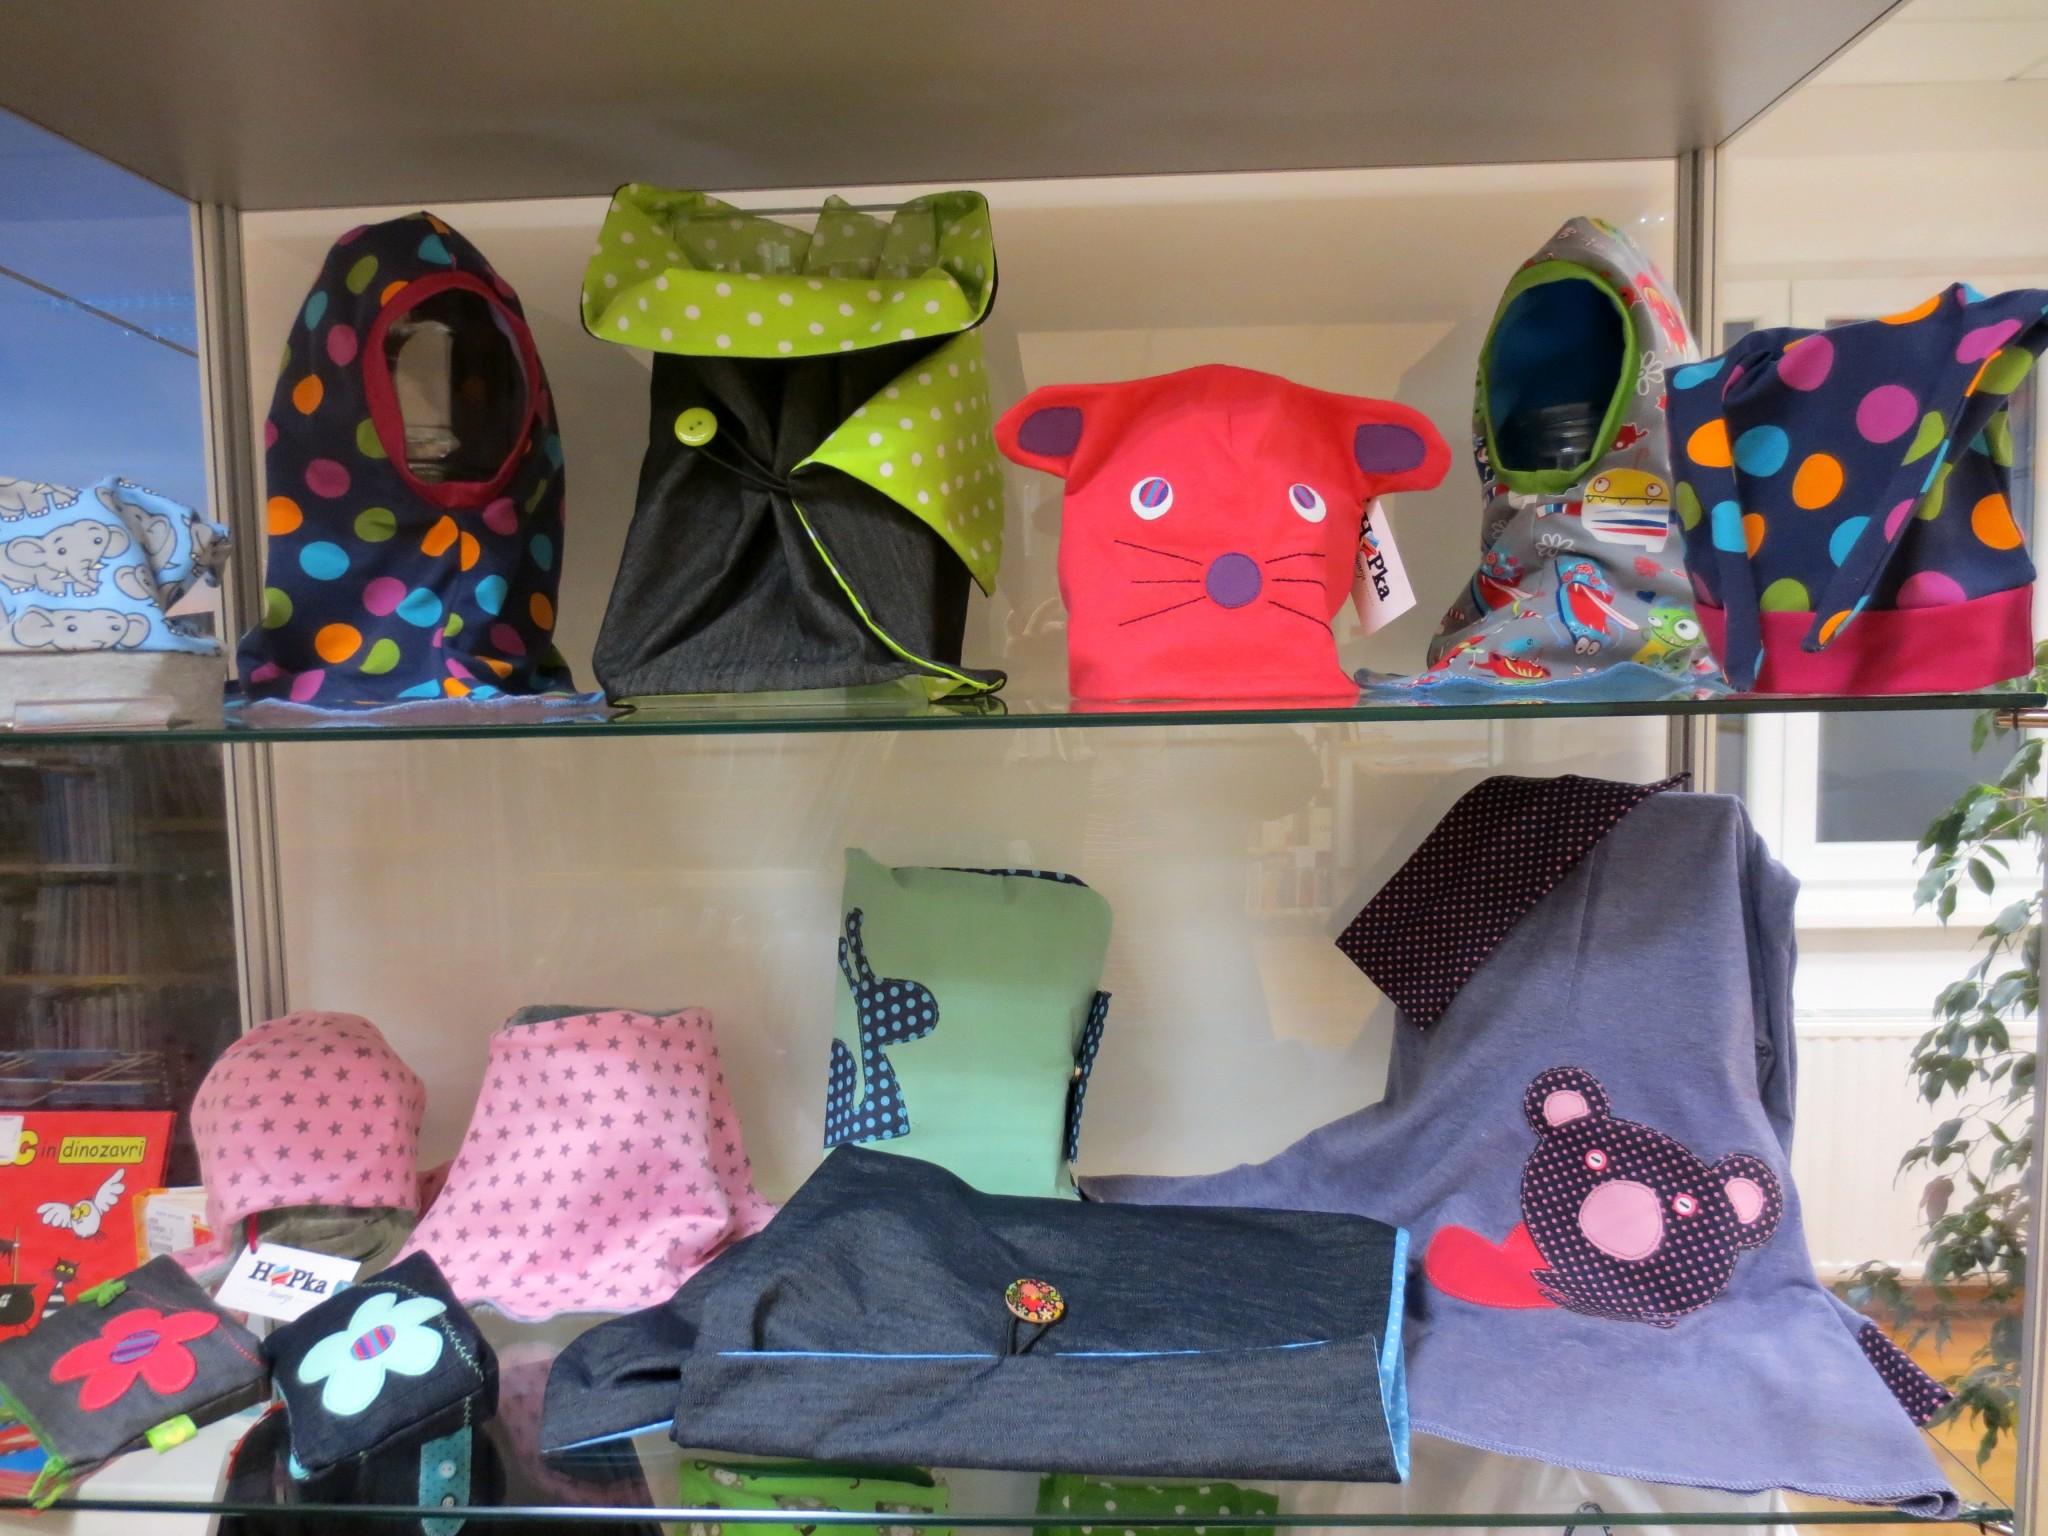 IMG 3086 - Hopka šivarije - razstava otroških oblačil